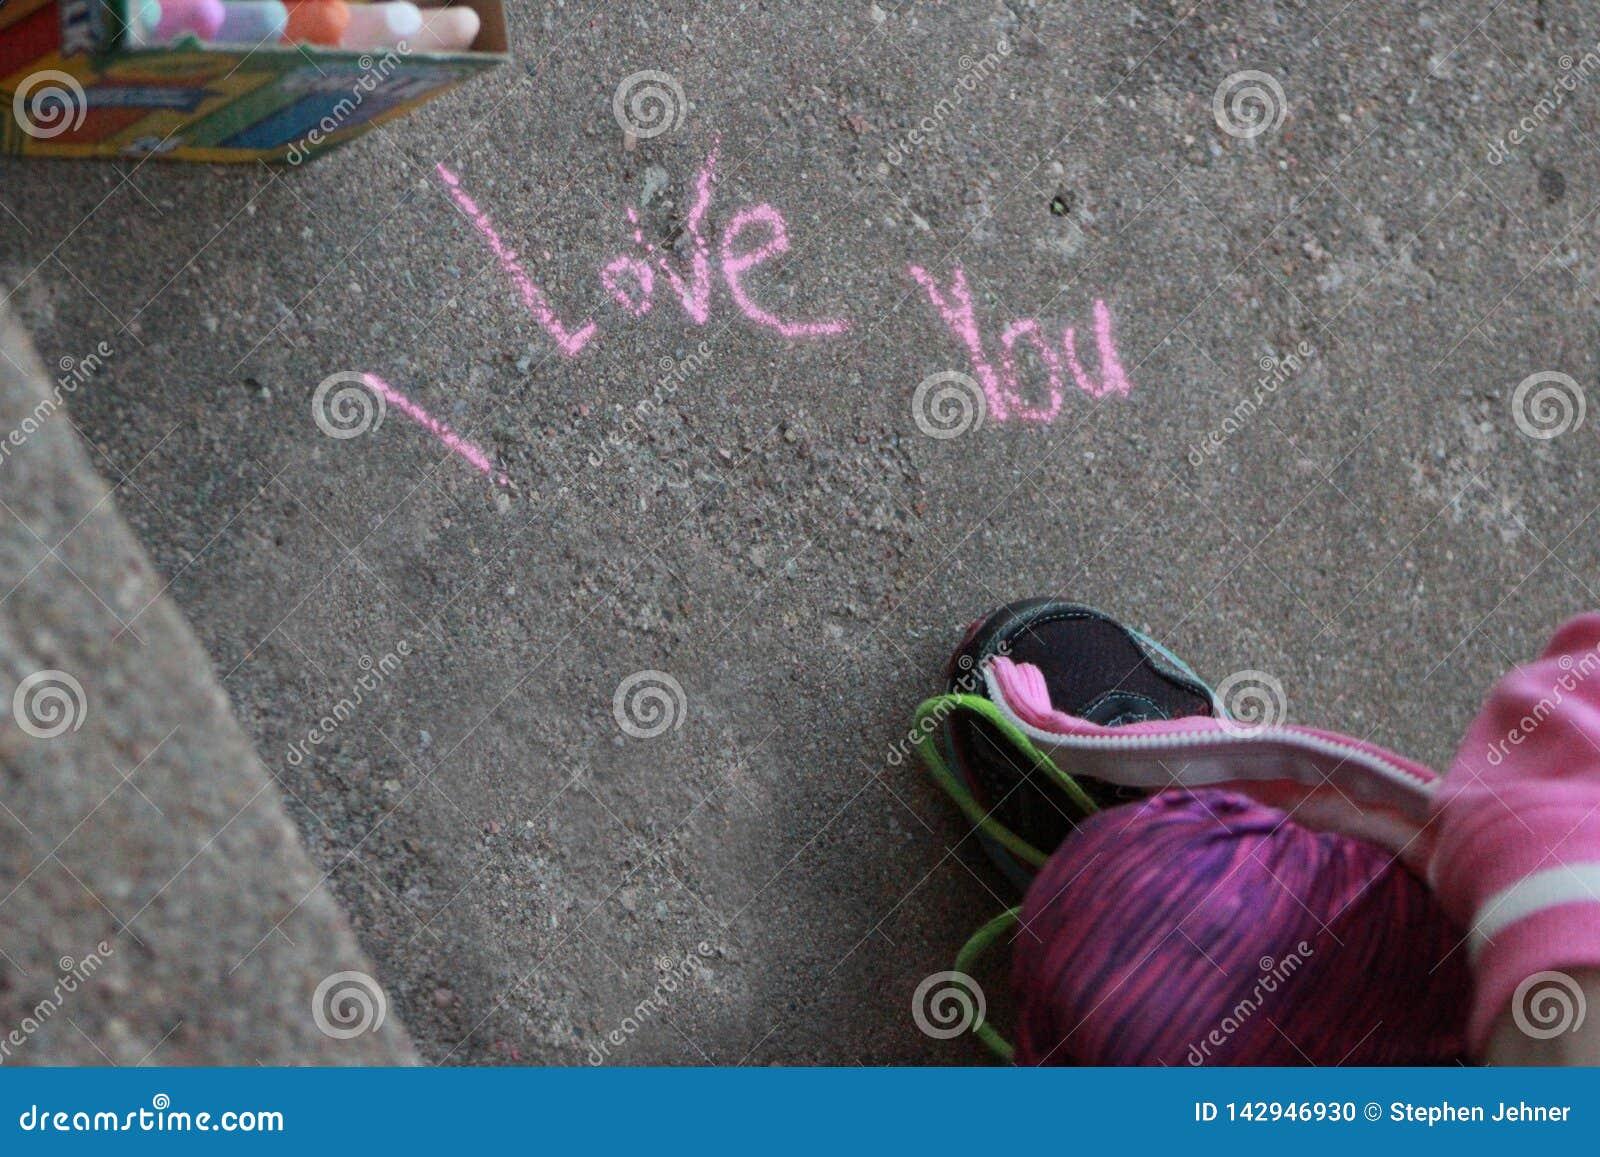 I love you written in sidewalk chalk